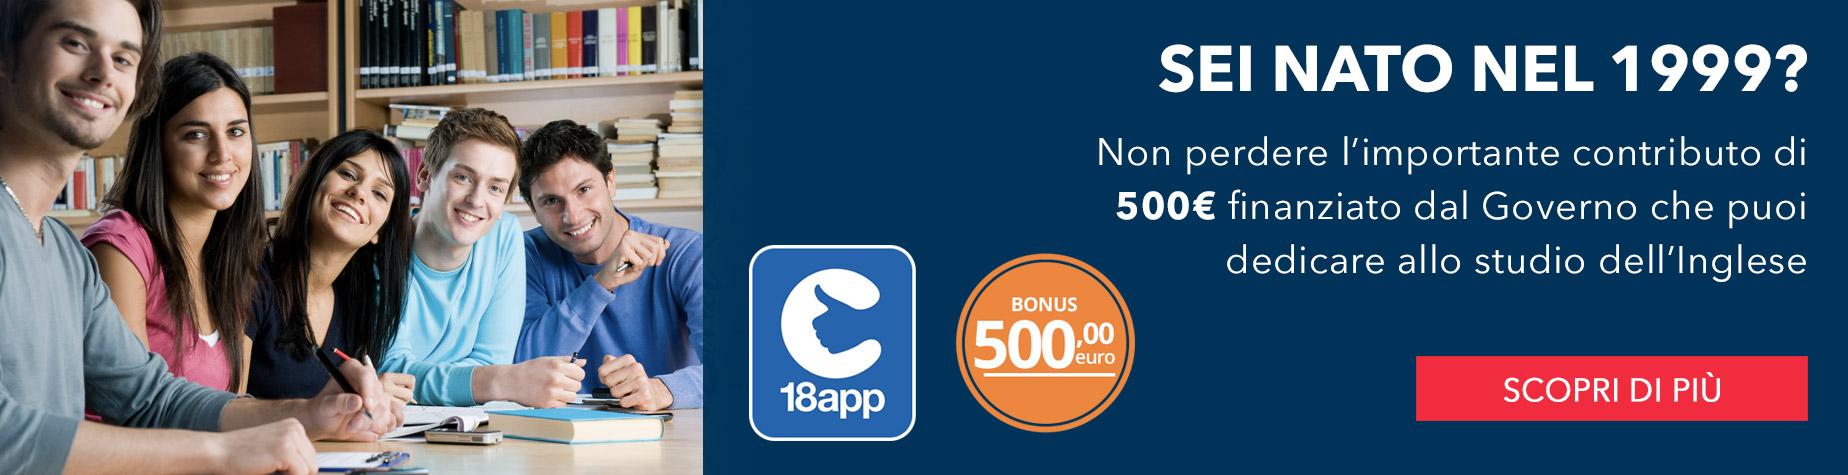 WSE Bonus 500 € 2017 18 anni   corsi di inglese